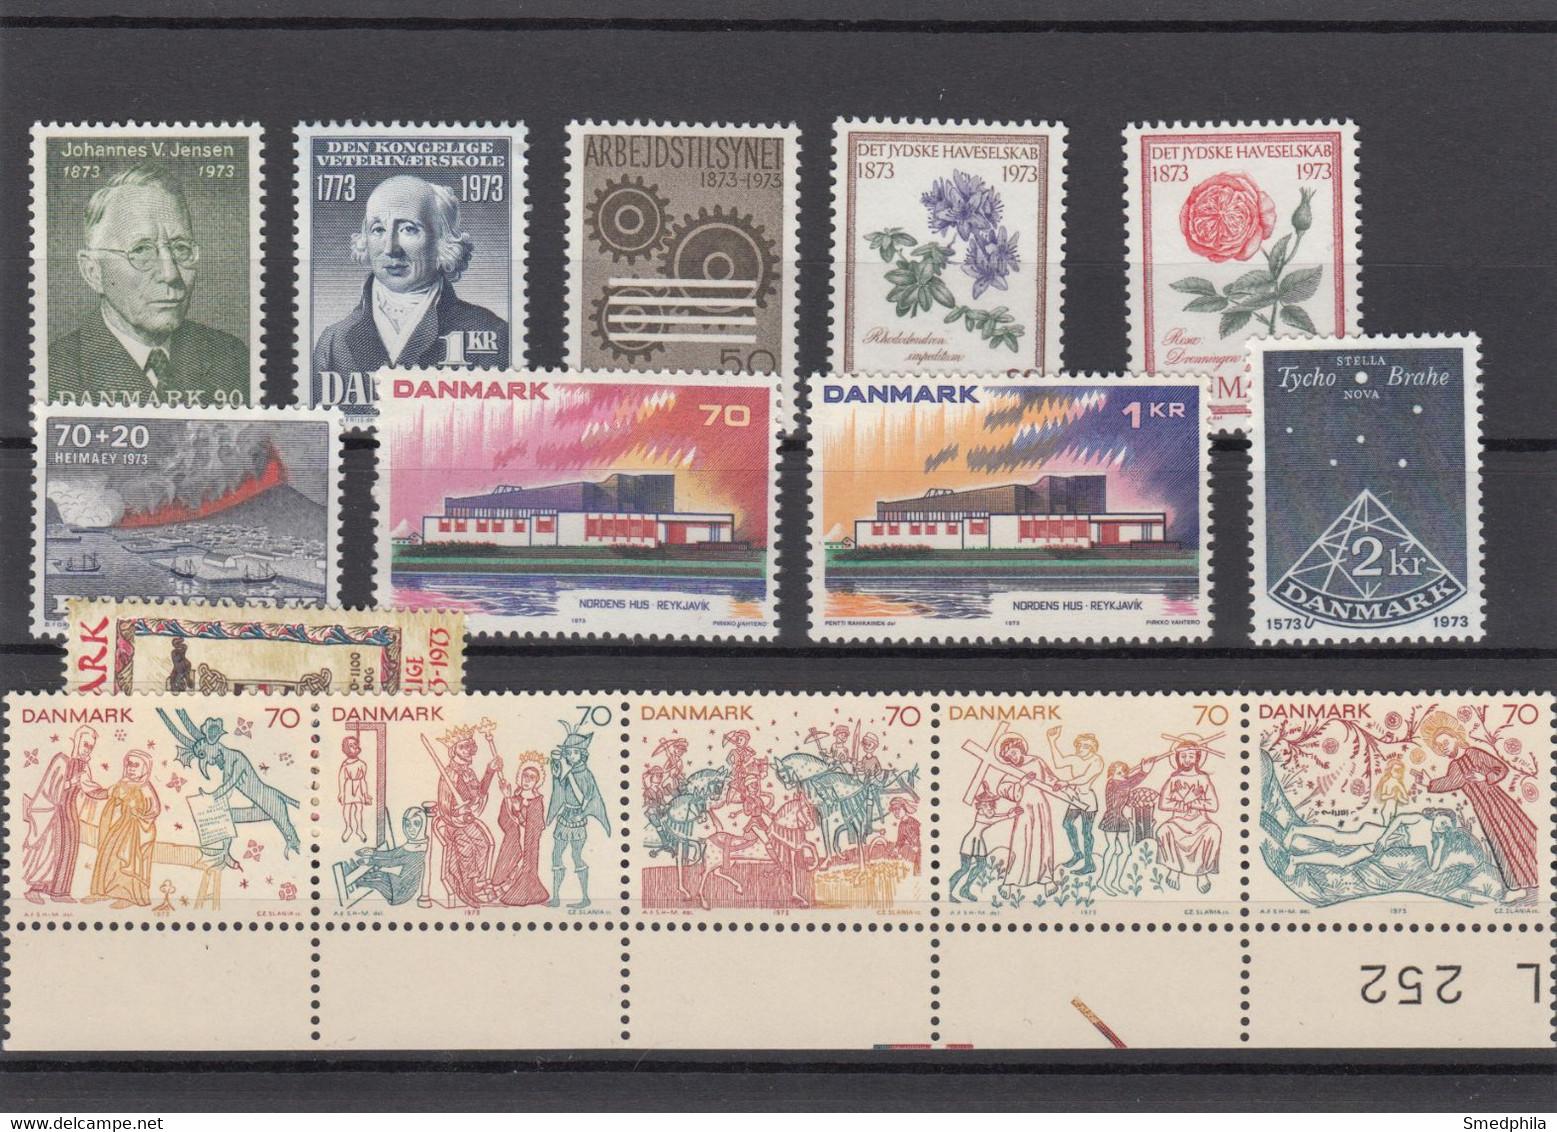 Denmark 1973 - Full Year MNH ** - Volledig Jaar